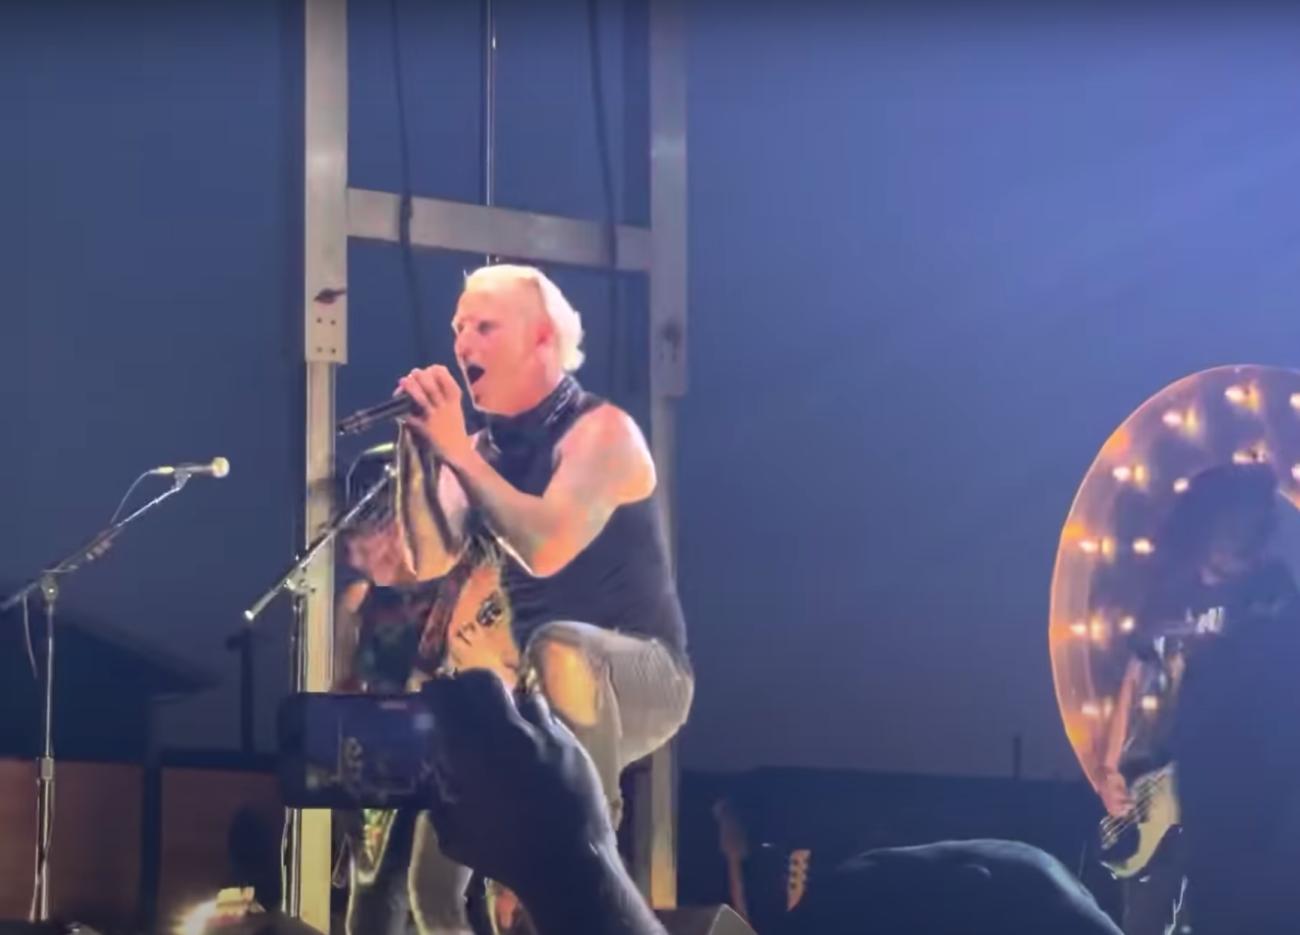 """Näin maskitta soolobändinsä kanssa esiintyvältä Corey Taylorilta luonnistuu Slipknotin """"Wait And Bleed"""""""